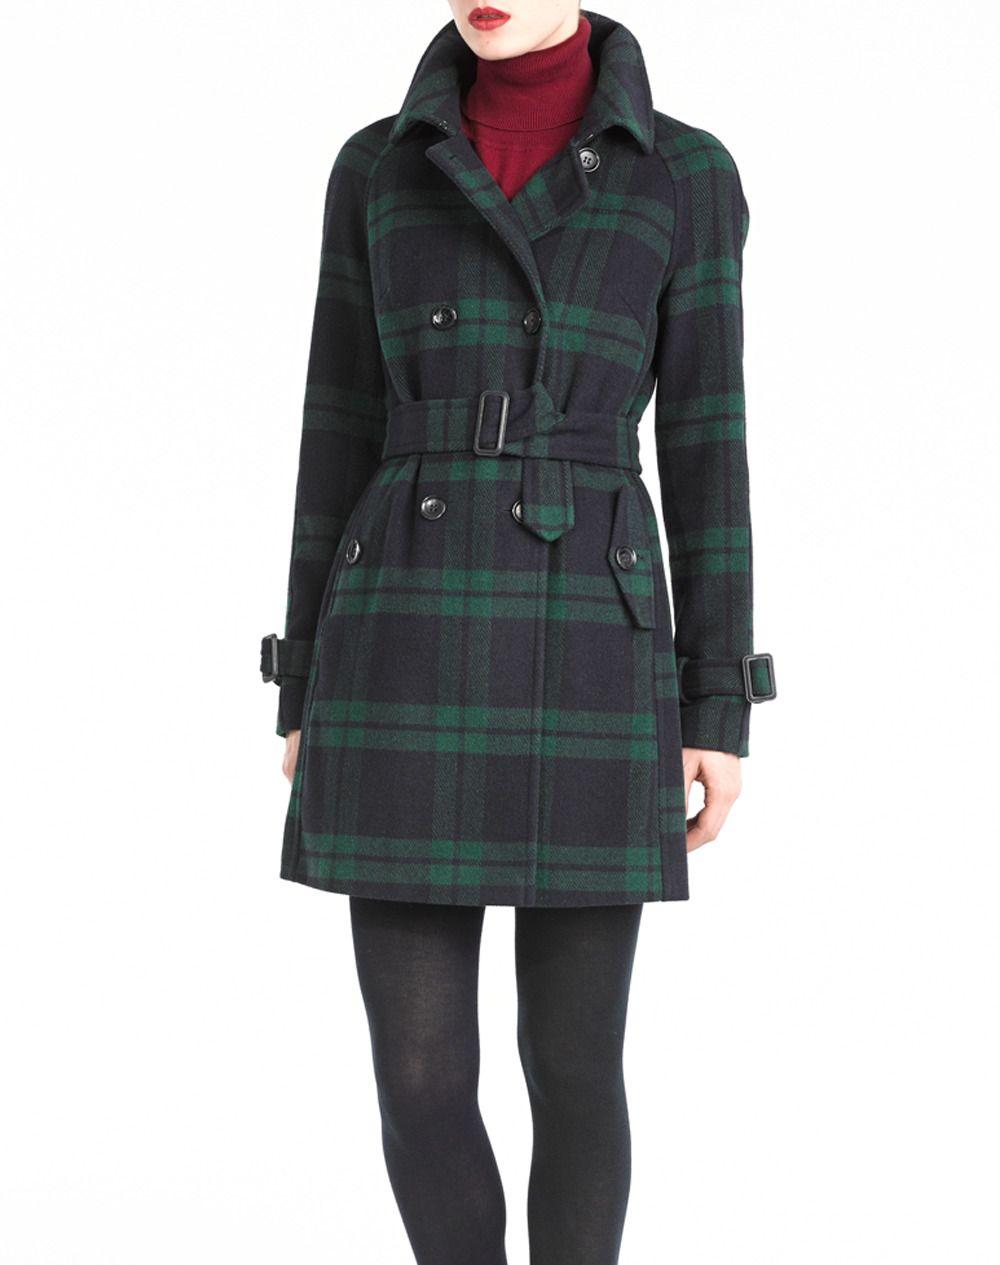 Abrigo de mujer Easy Wear - Mujer - Gabardinas y Abrigos - El Corte Inglés  - Moda 19f3d9a5550f